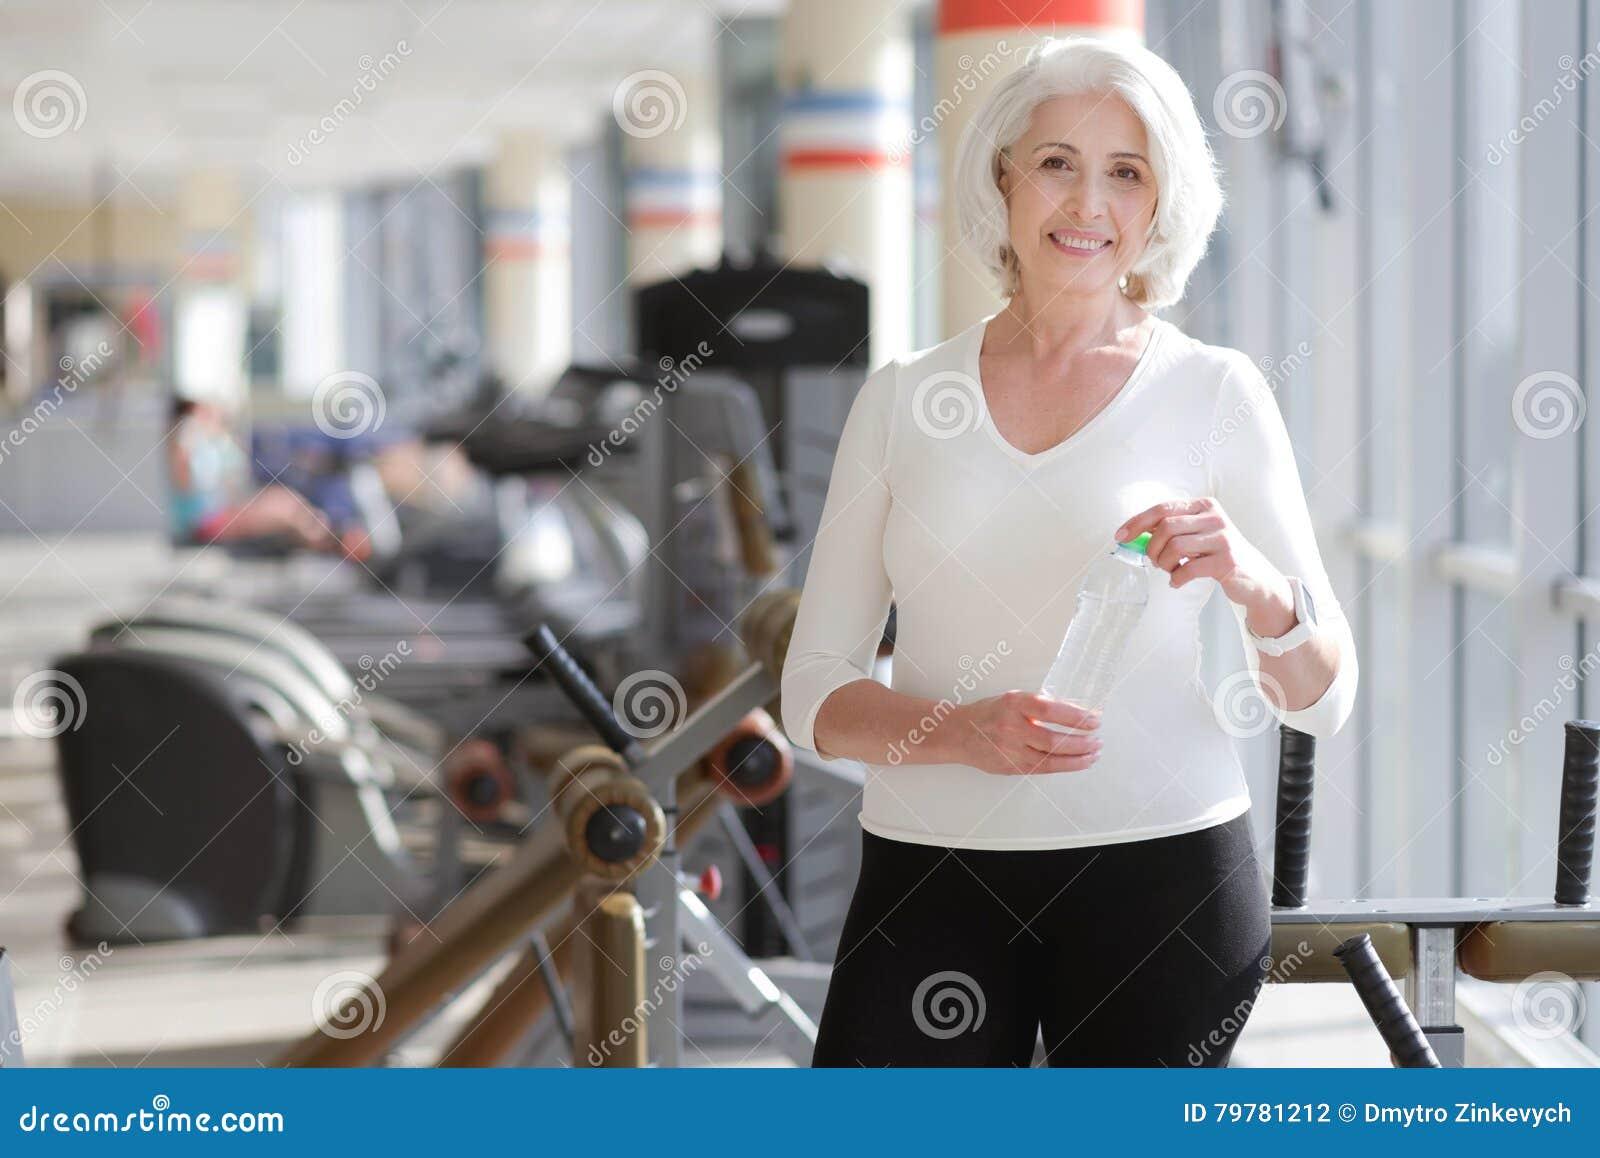 Athletische reizend ältere Frau, die Rest während des Turnhallentrainings hat